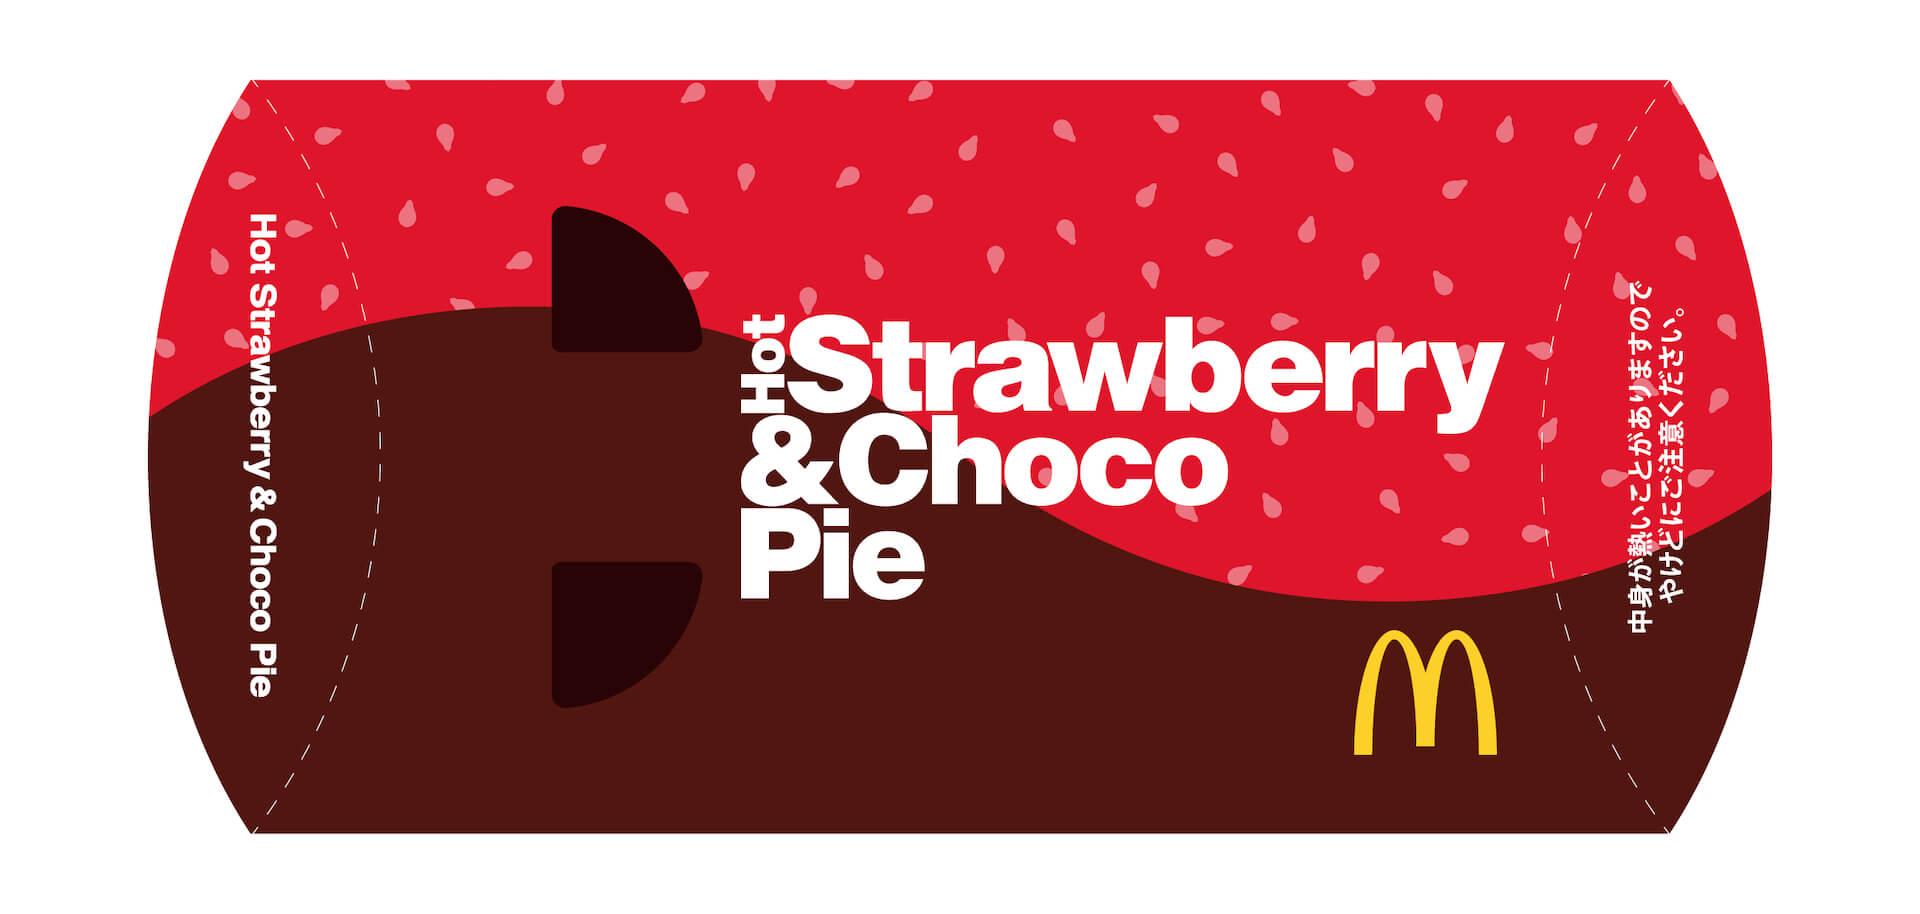 マクドナルドからチョコといちごが絡み合う新作フルーツパイ「ずるいチョコいちごパイ」が新登場!プレミアムローストコーヒーMサイズが100円で飲めるキャンペーンも gourmet210302_mcdonald_pie_2